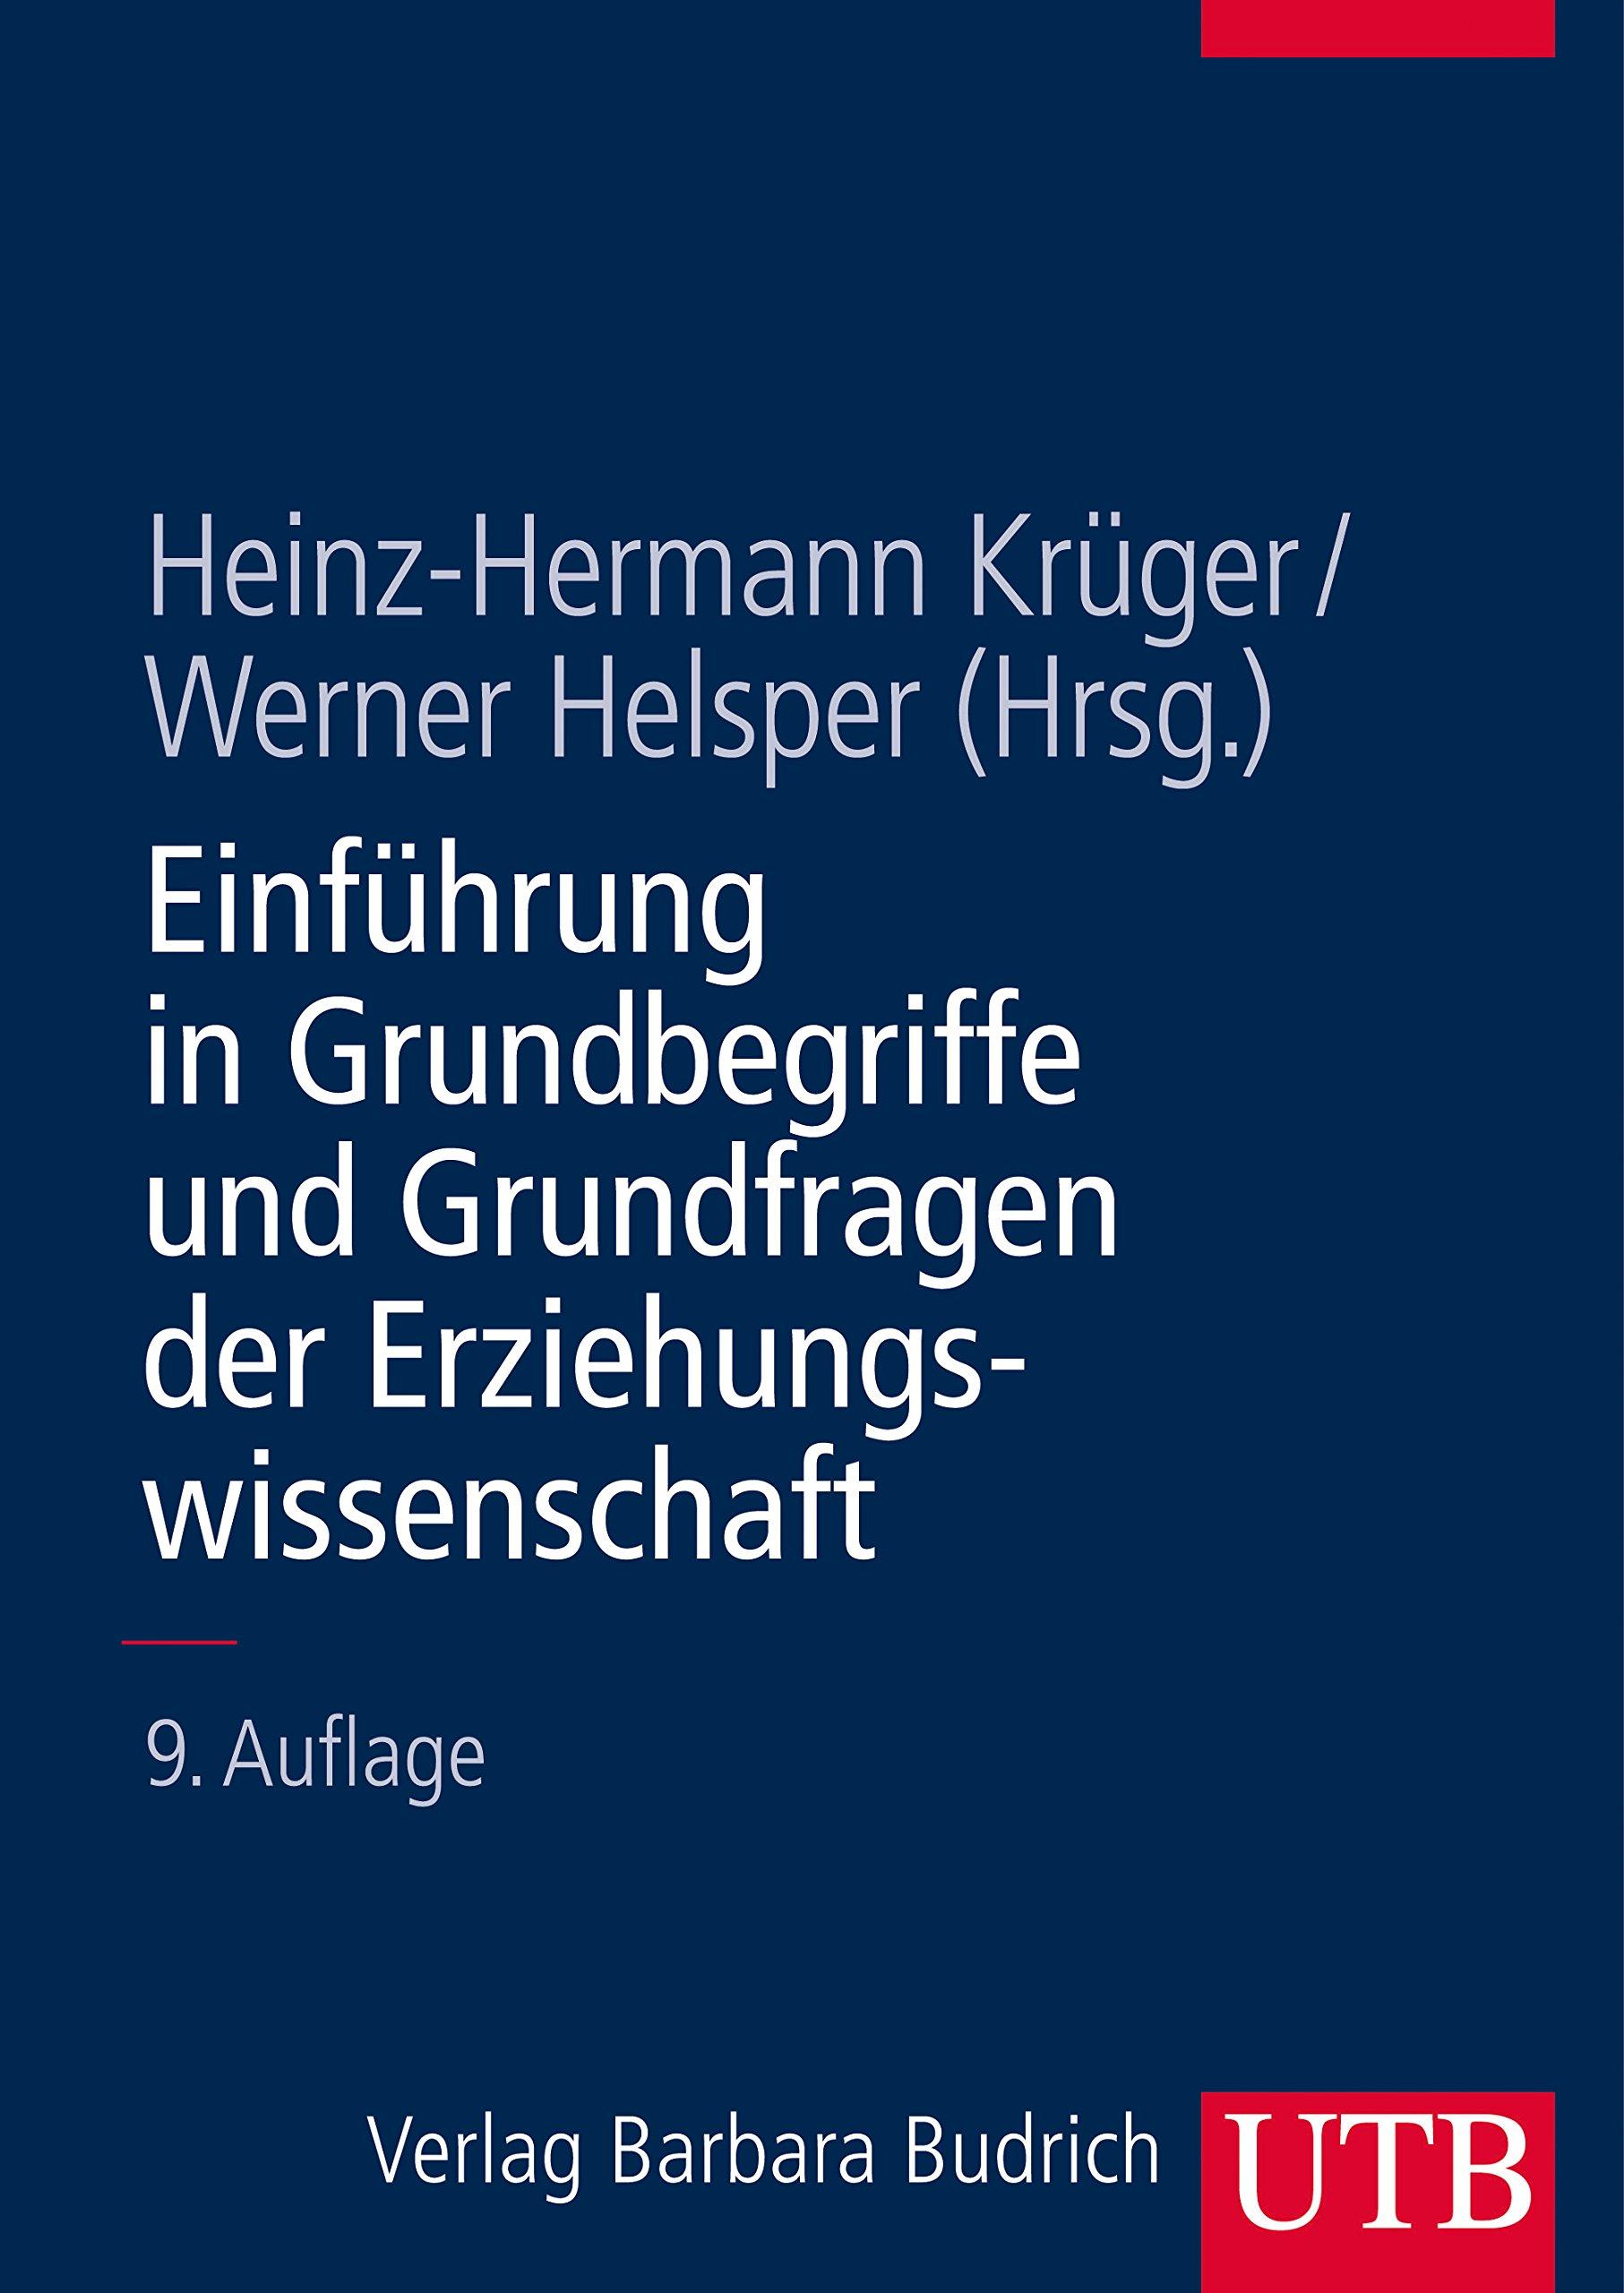 Einführung in Grundbegriffe und Grundfragen der Erziehungswissenschaft (Einführungskurs Erziehungswissenschaft, Band 1) Taschenbuch – 2010 Heinz-Hermann Krüger Werner Helsper UTB Stuttgart